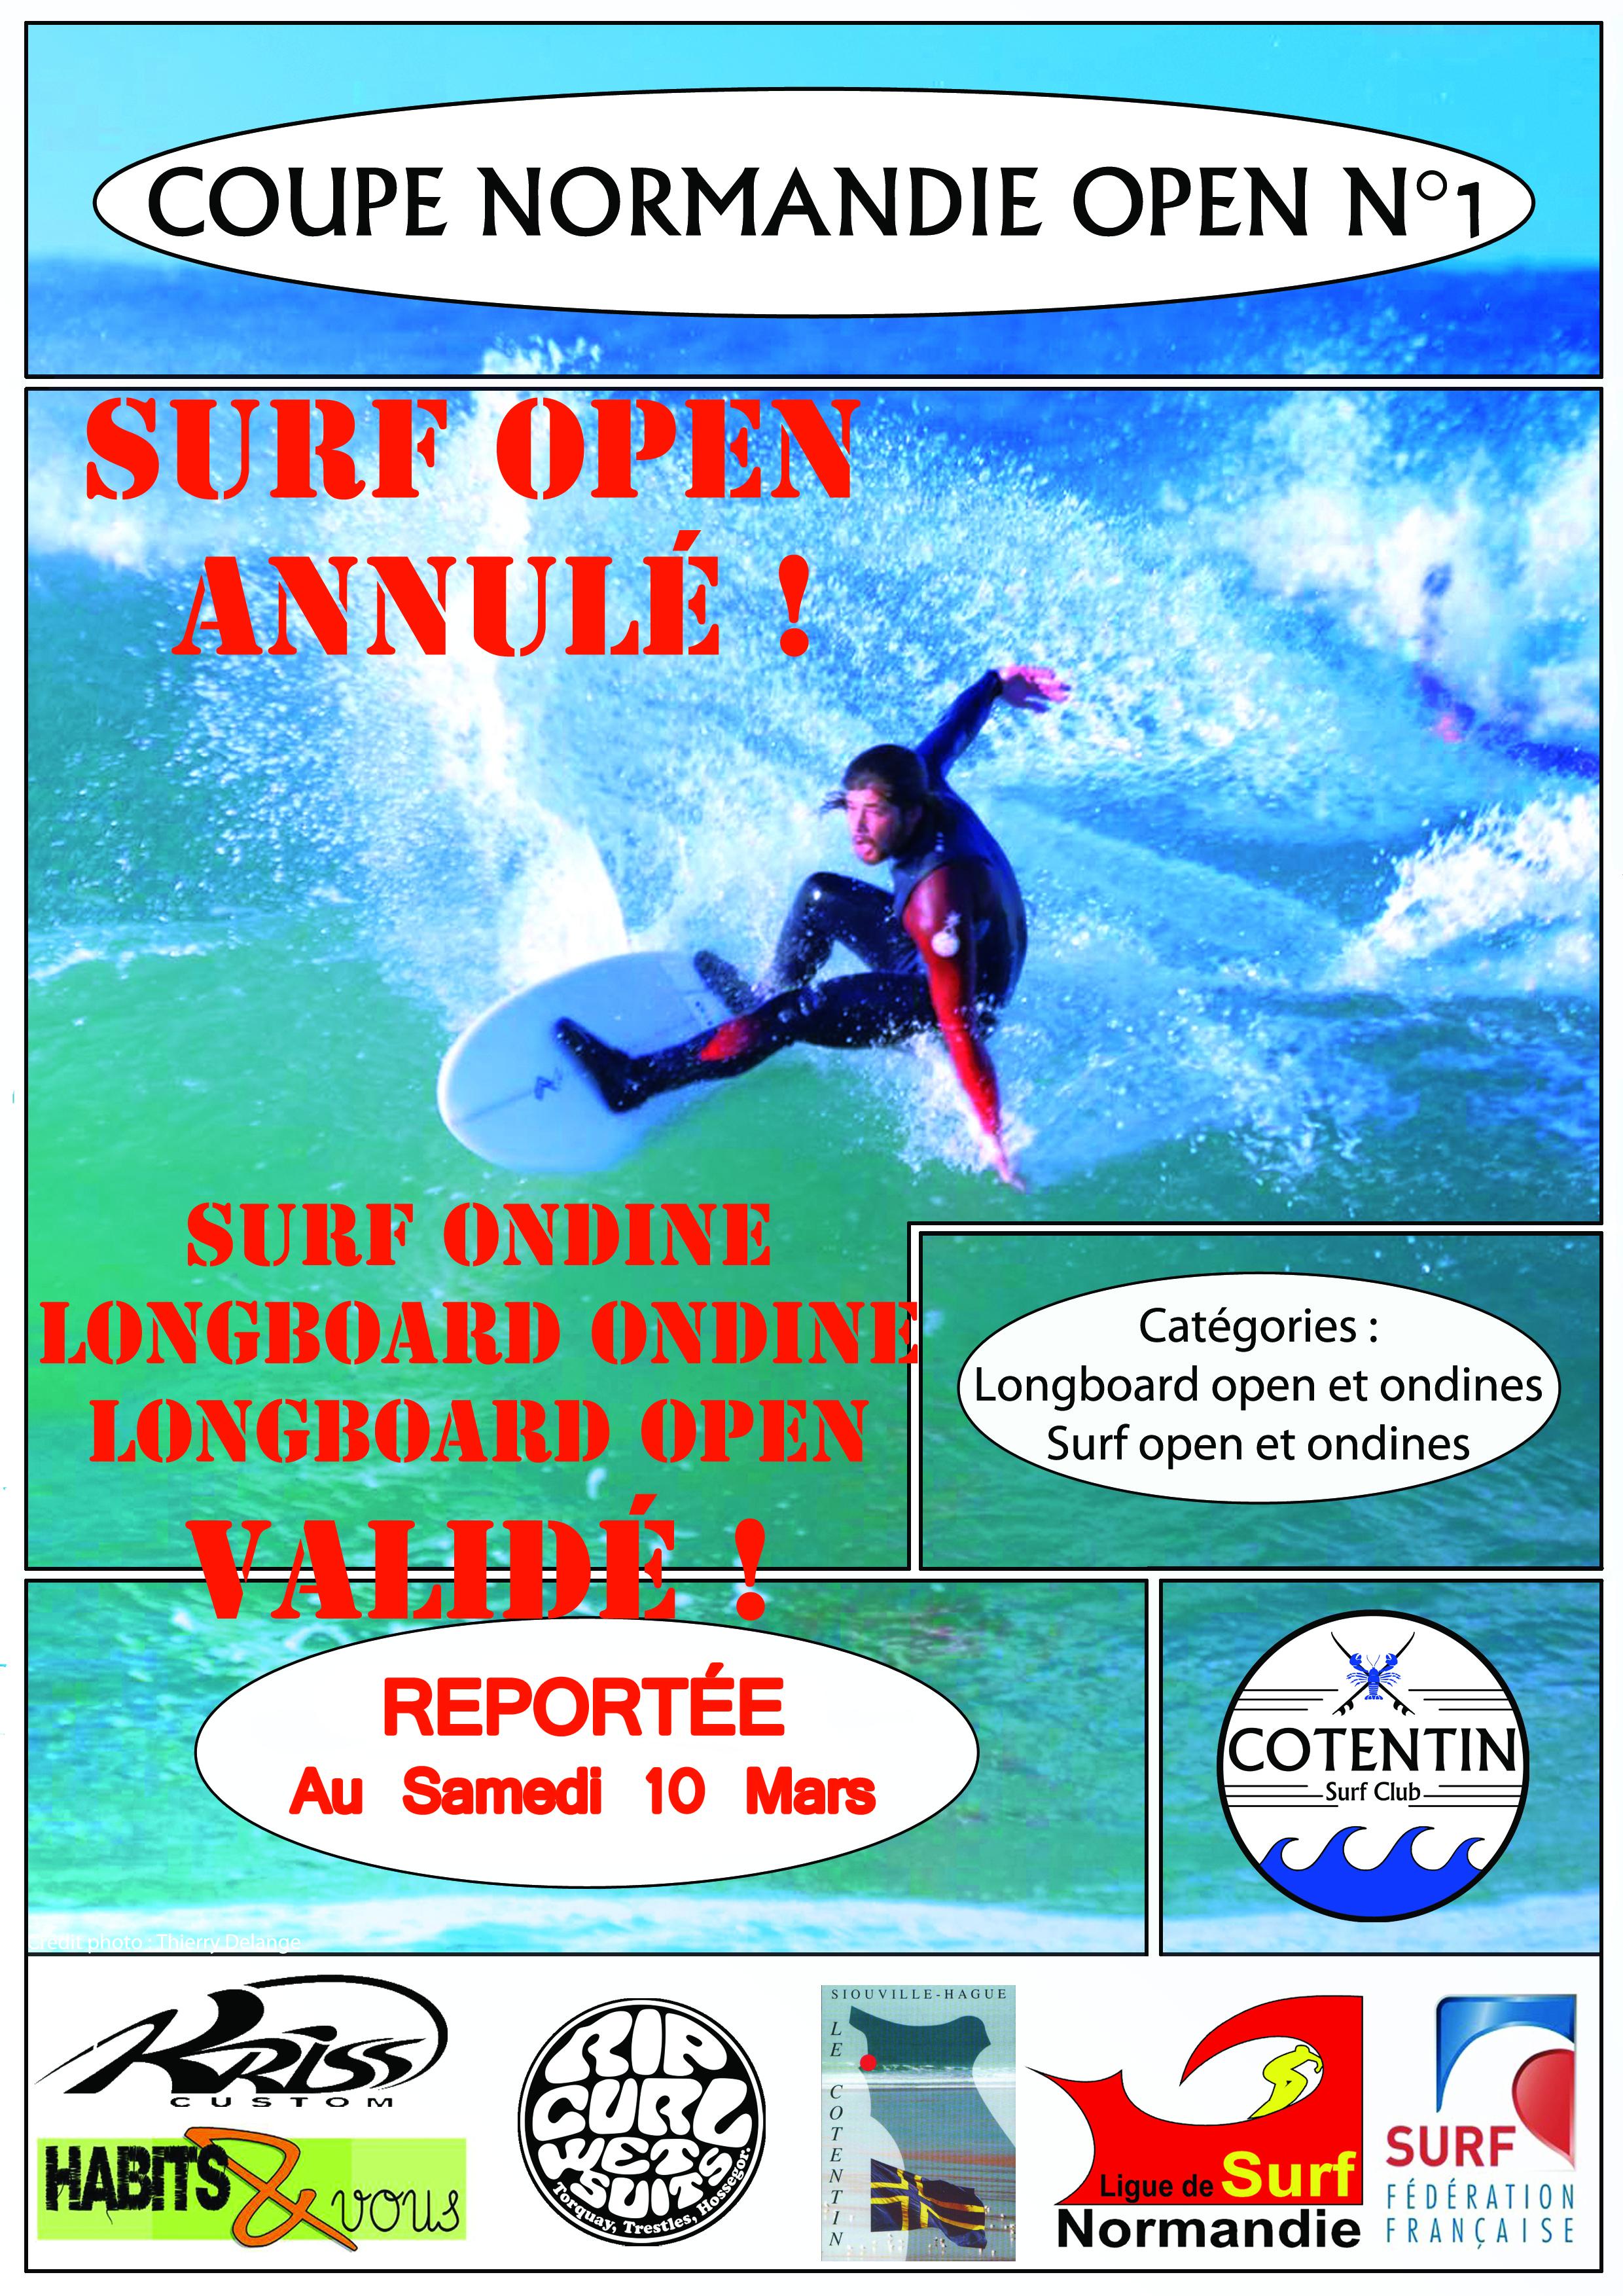 Coupe Normandie N°1 catégorie SURF OPEN ANNULÉ